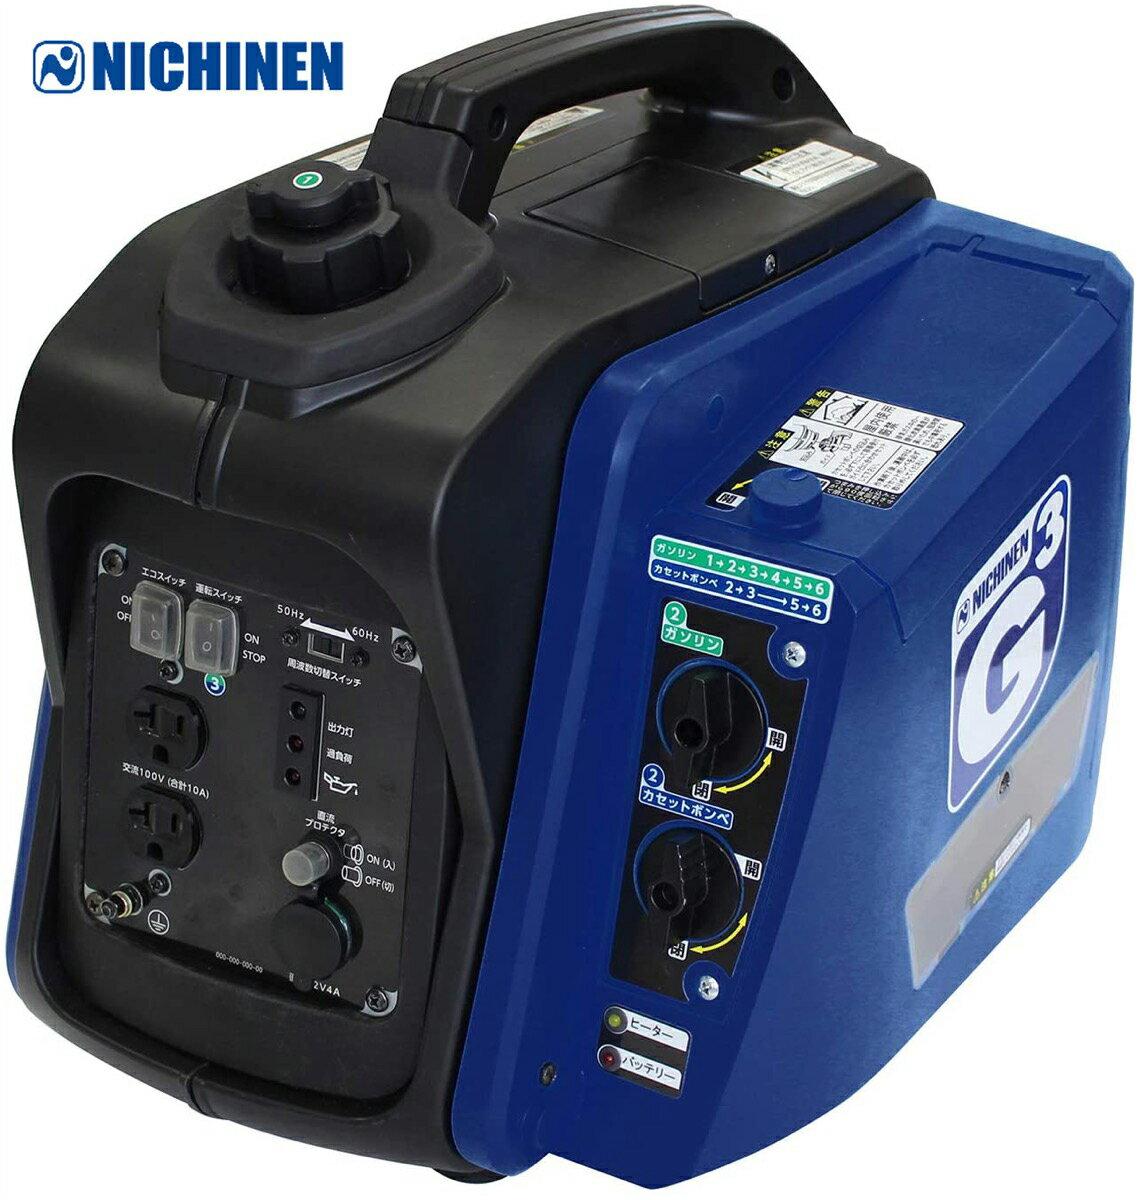 ニチネン 発電機 KG-101 ジーキュービック G-cubic カセットボンベ ガソリン 2WAY式 1kVA定格出力 エンジン インバーター式 防災 アウトドア キャンプ NICHINEN (M)